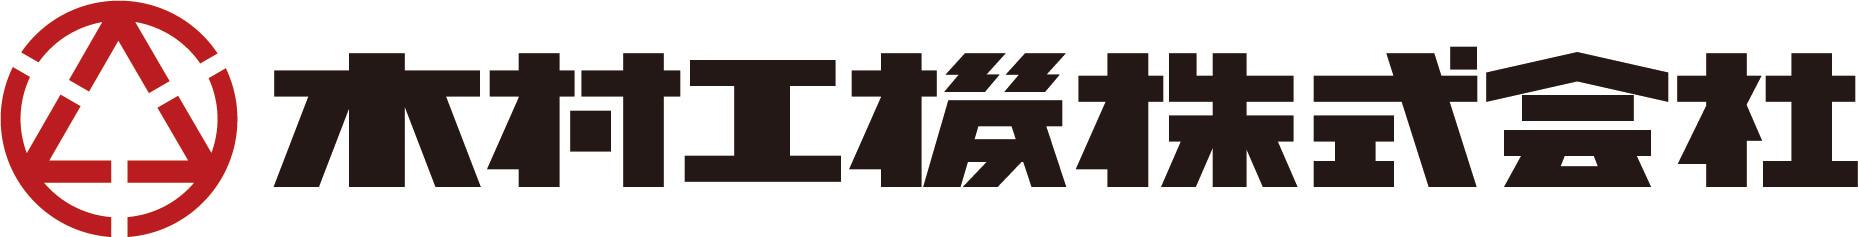 木村工機株式会社